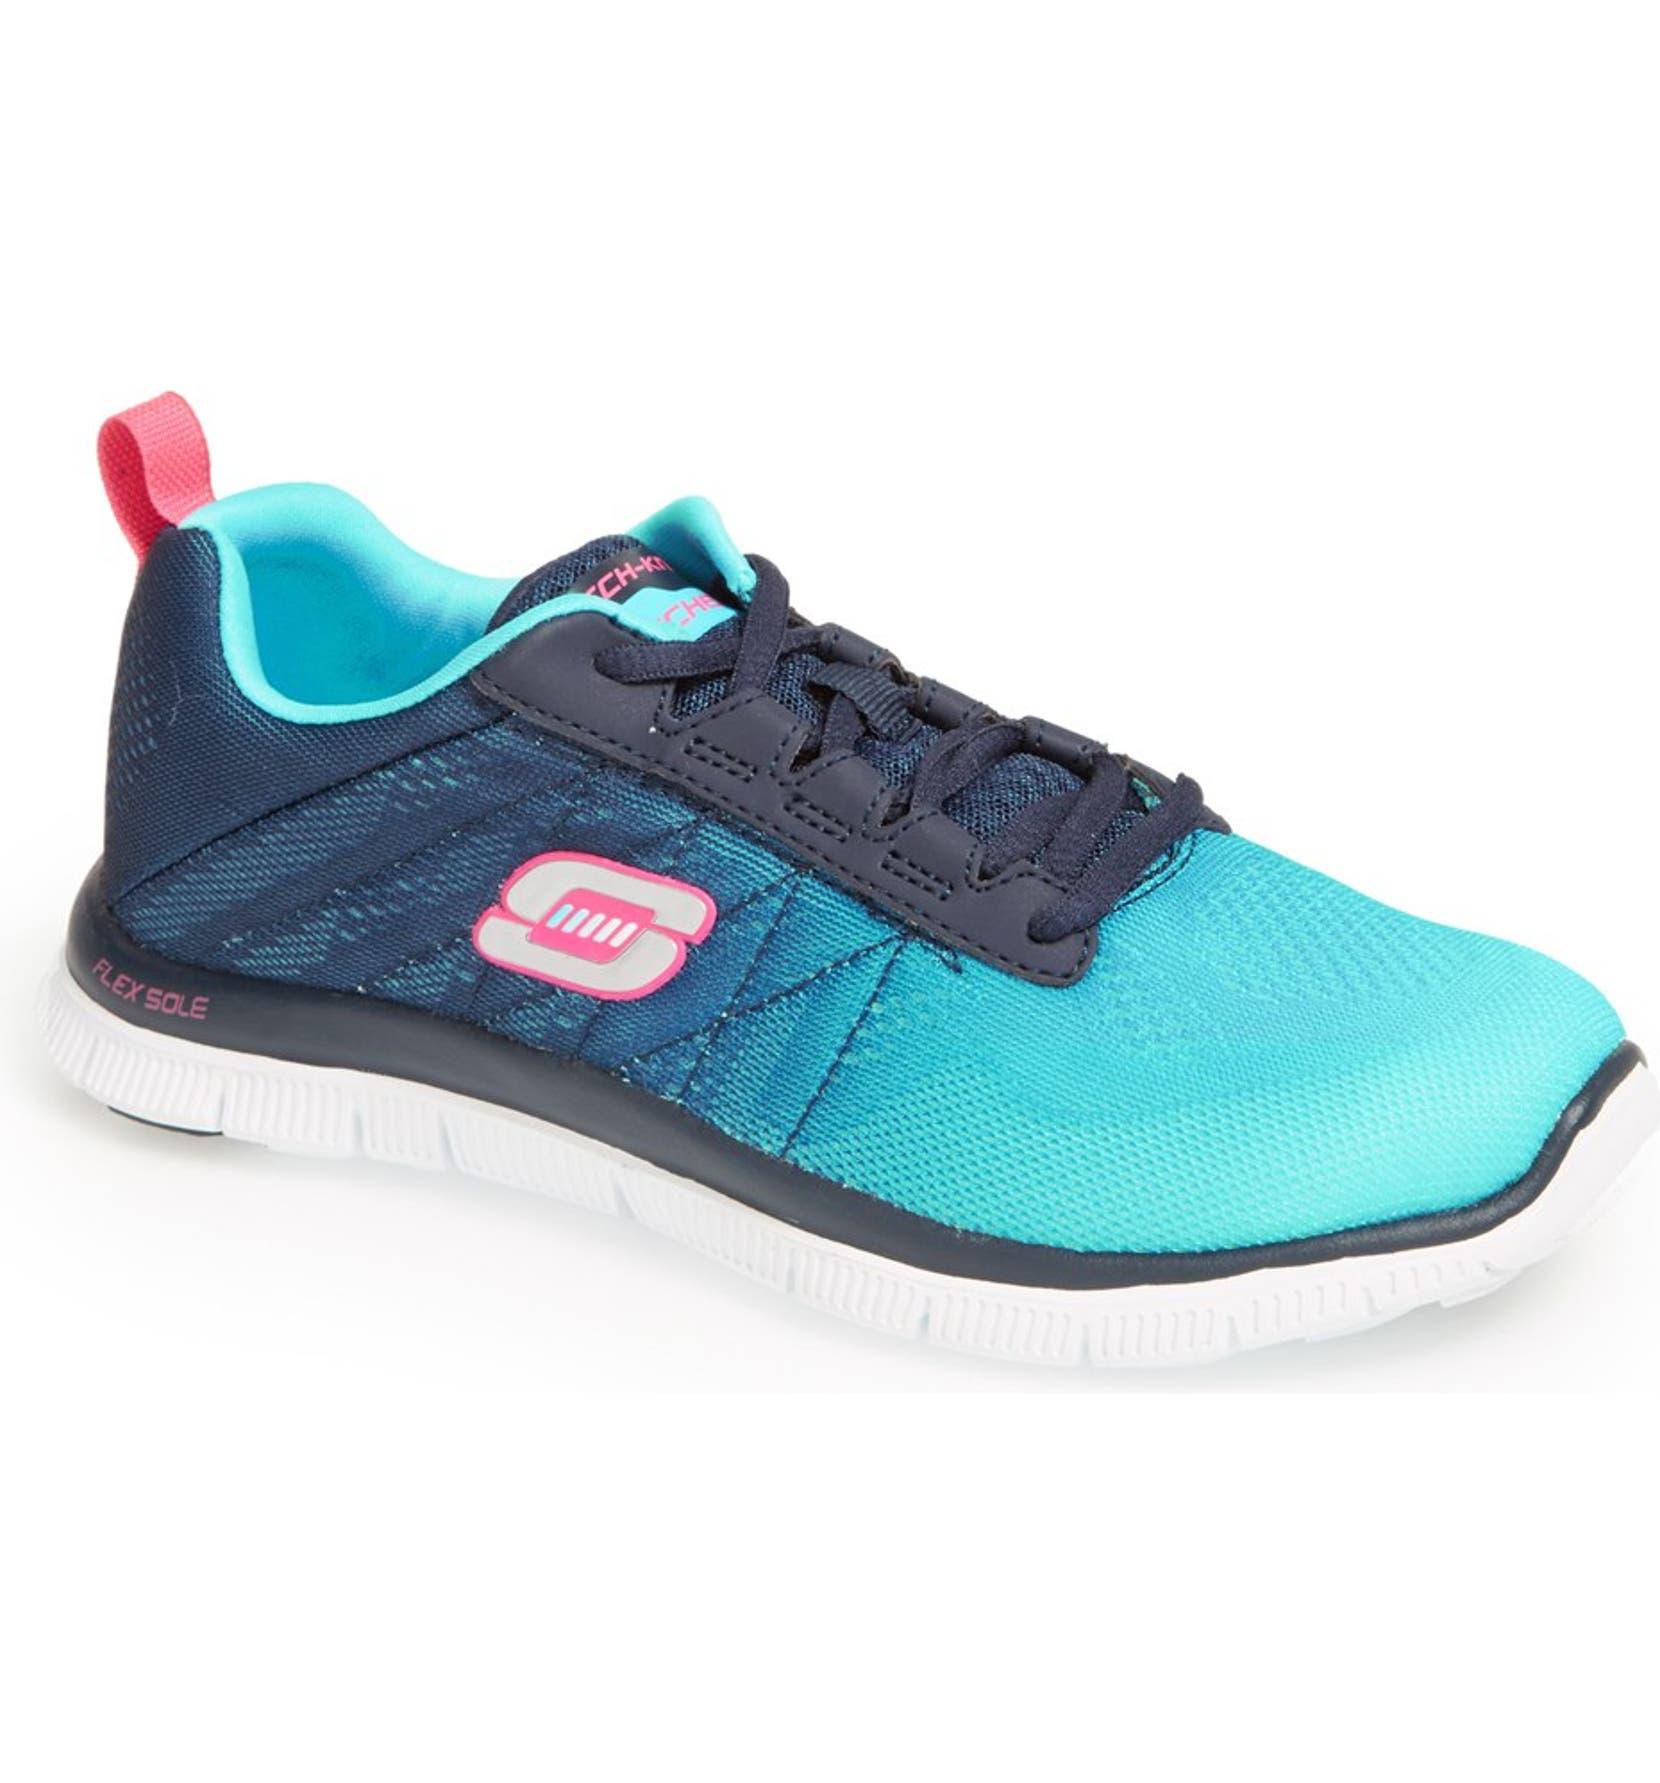 c45bed40bc1 SKECHERS  Flex Appeal - New Rival  Walking Shoe (Women)